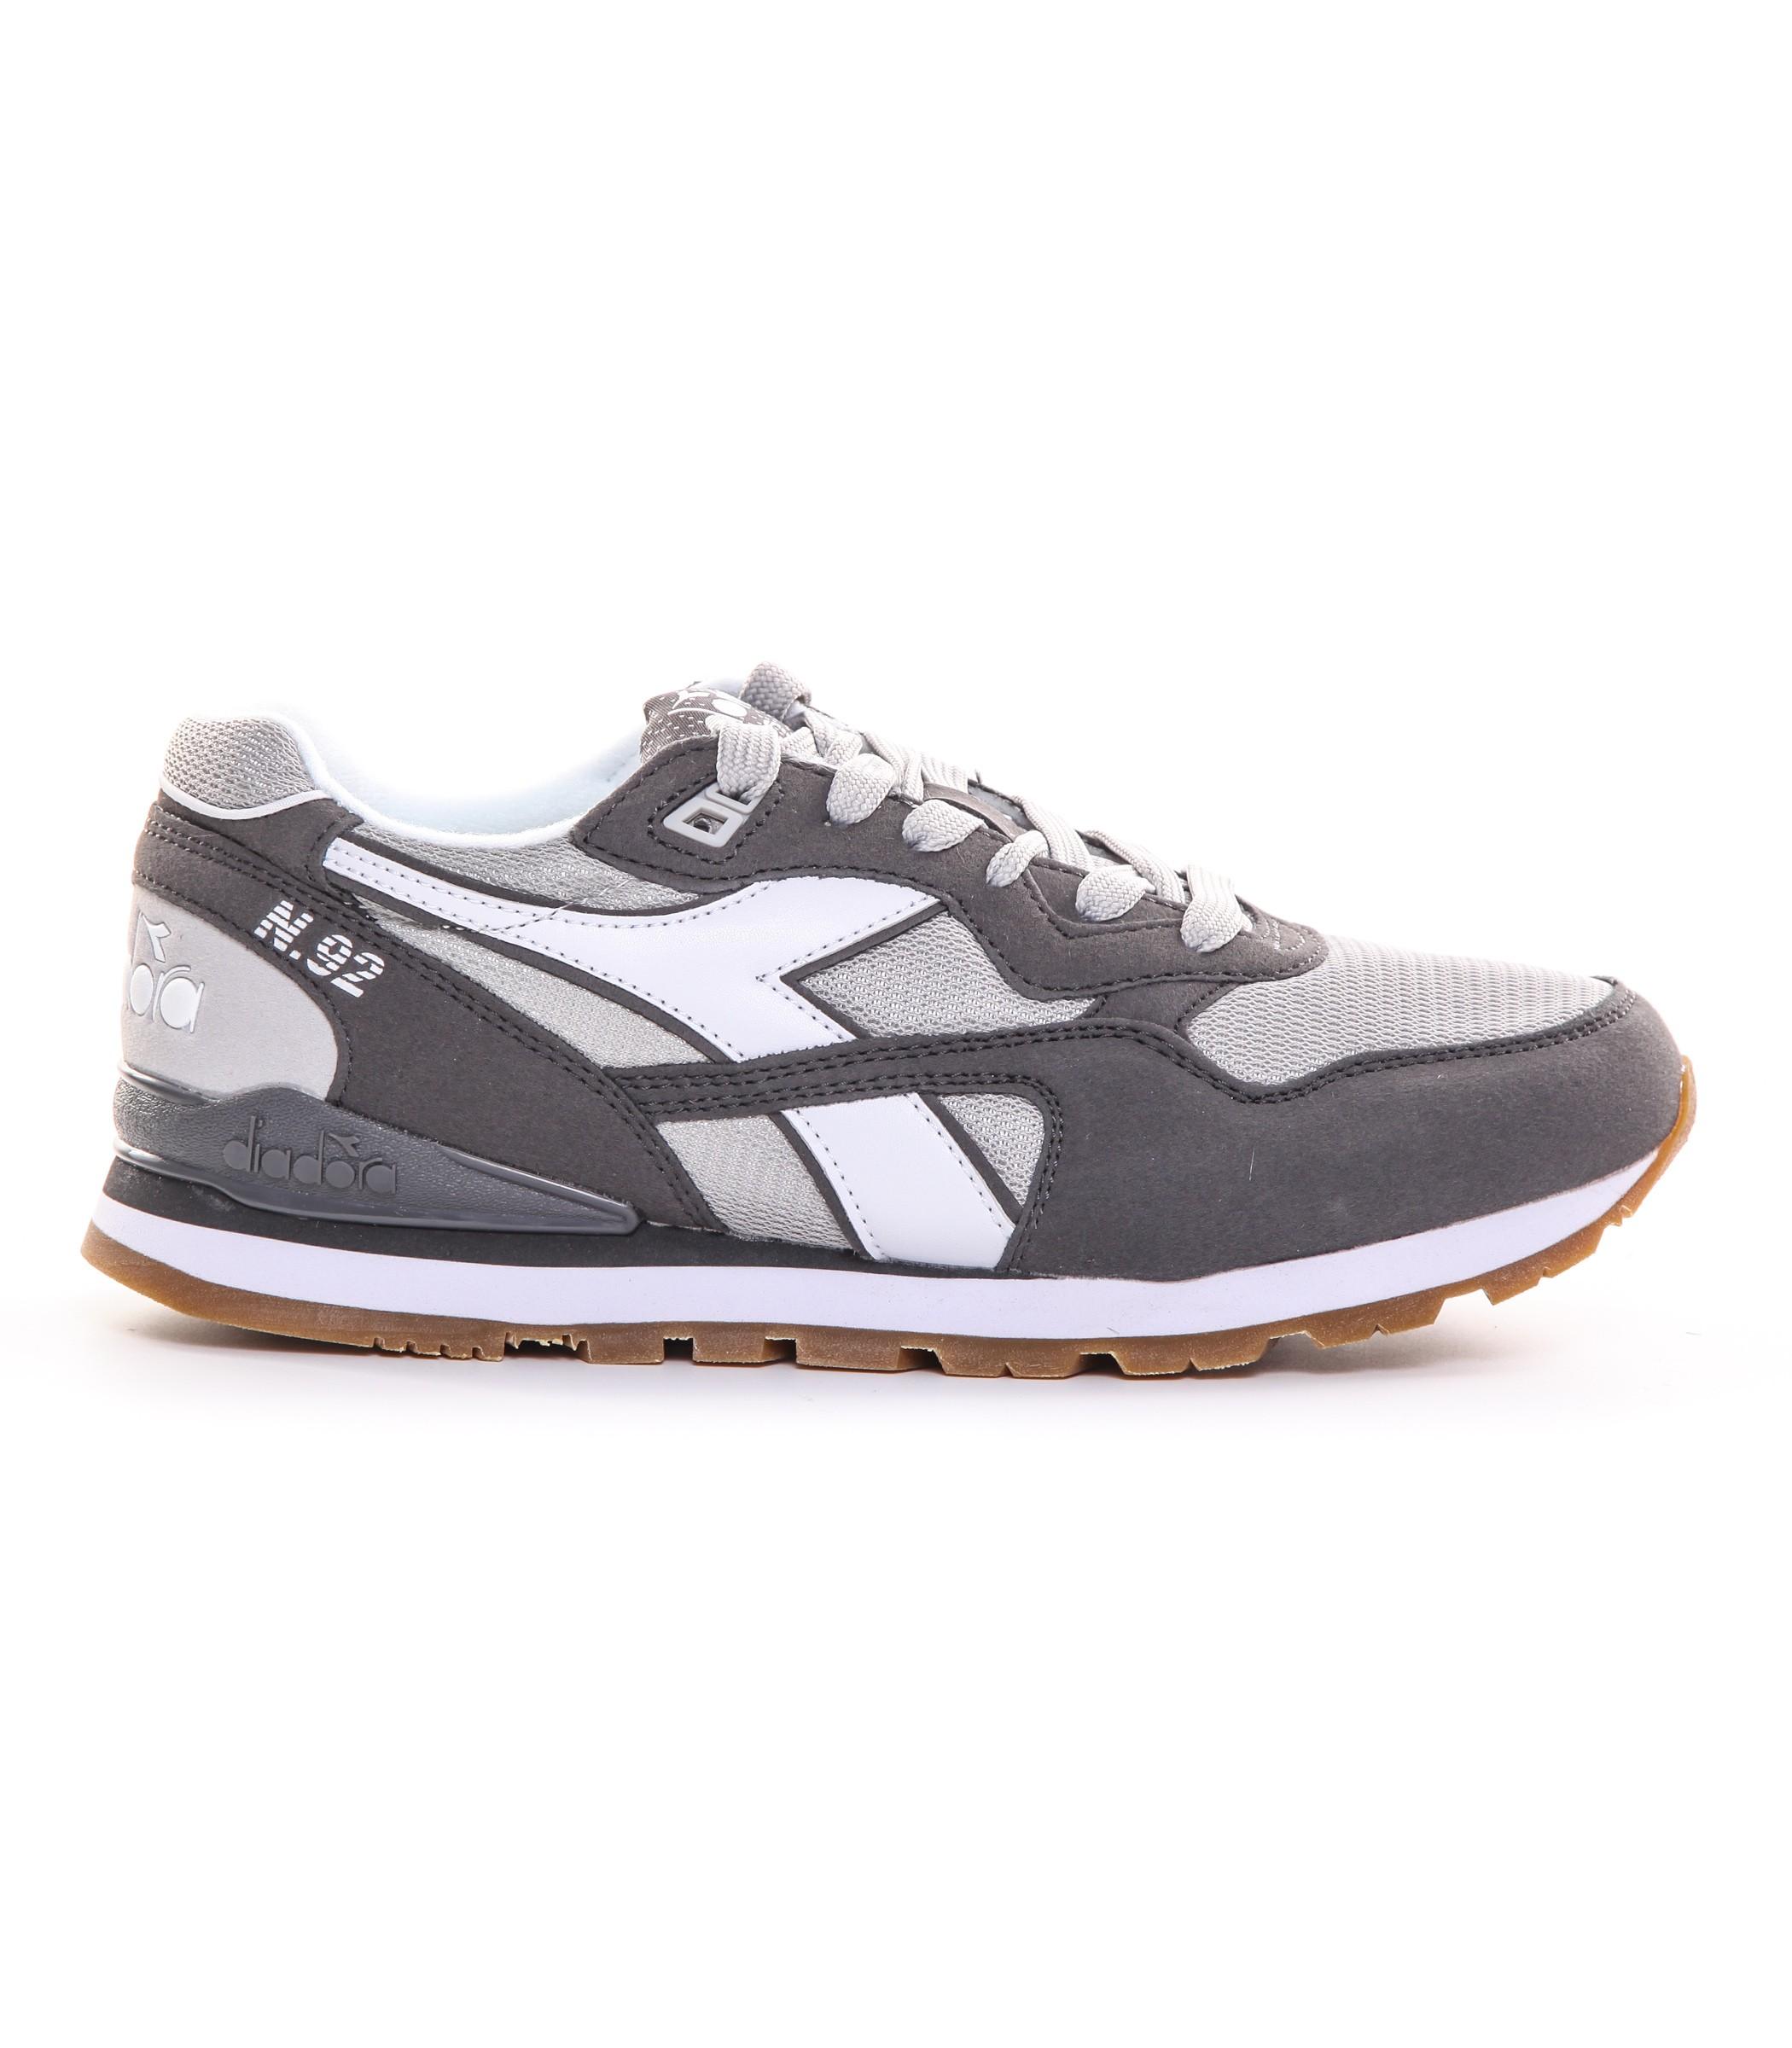 check out bea1d be338 Scarpe Sneakers Diadora N.92 da uomo rif. 101.173169